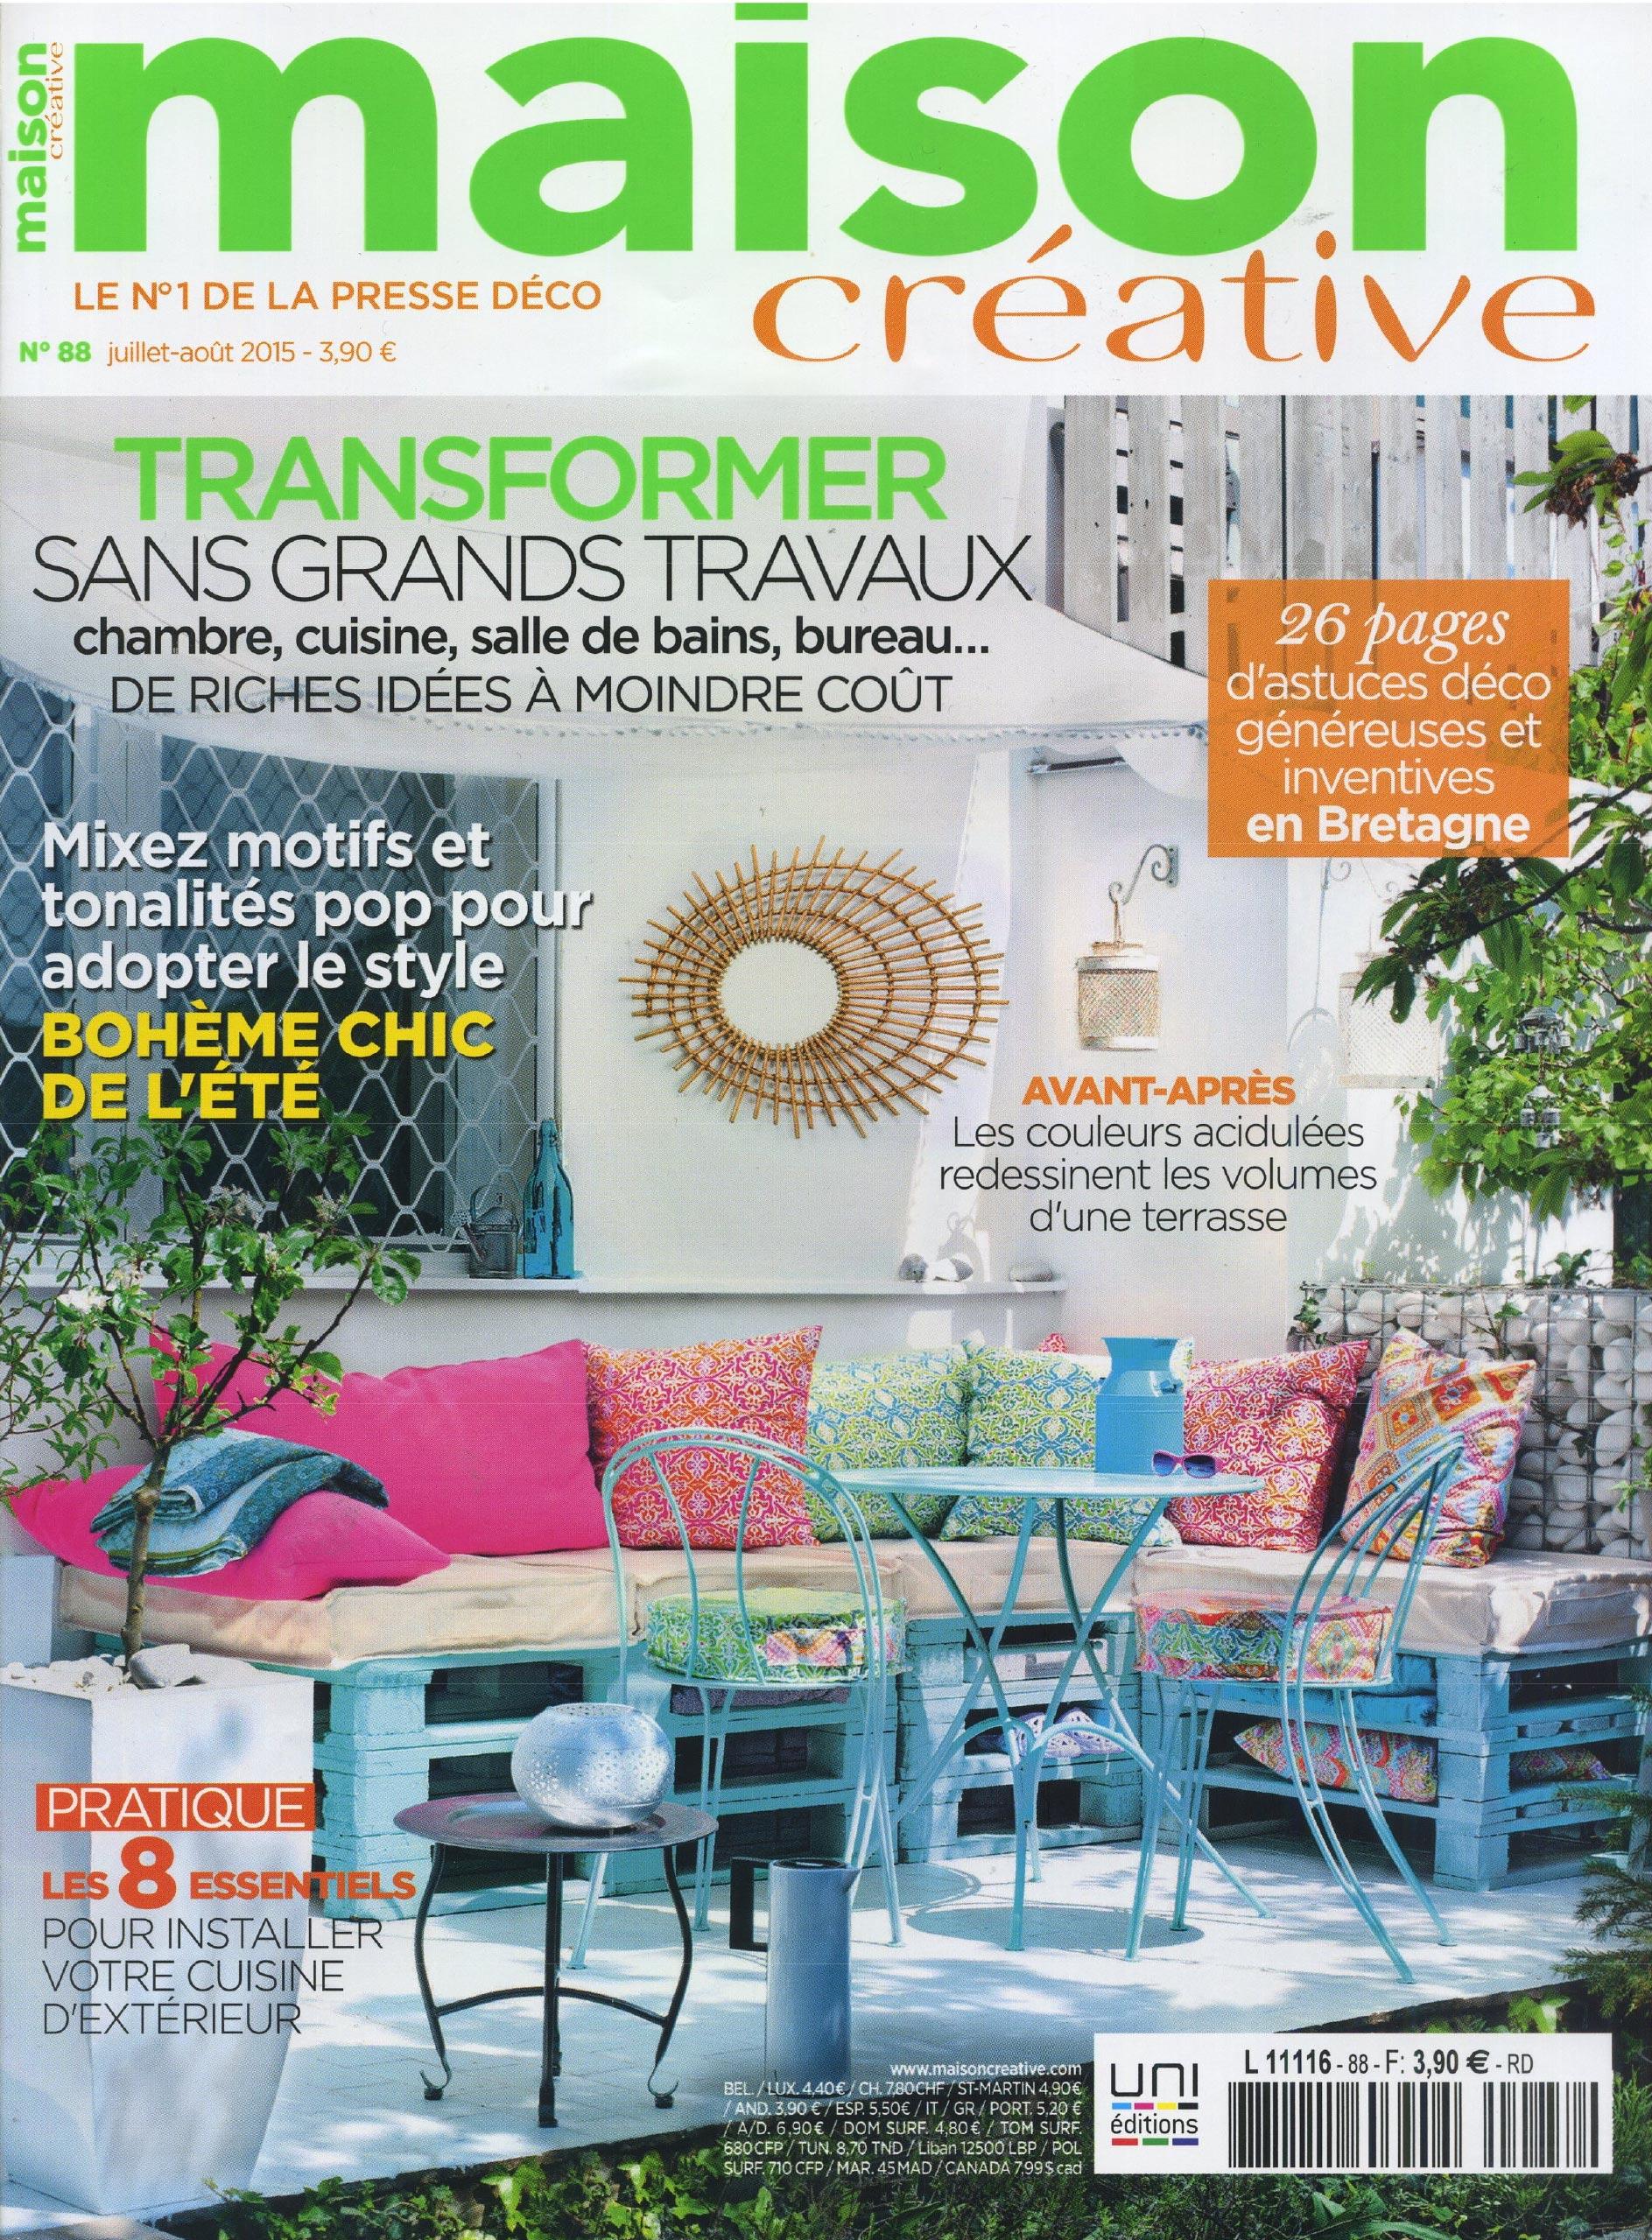 Maison-Creative-Juillet-Aout-15-Leligne01.jpg